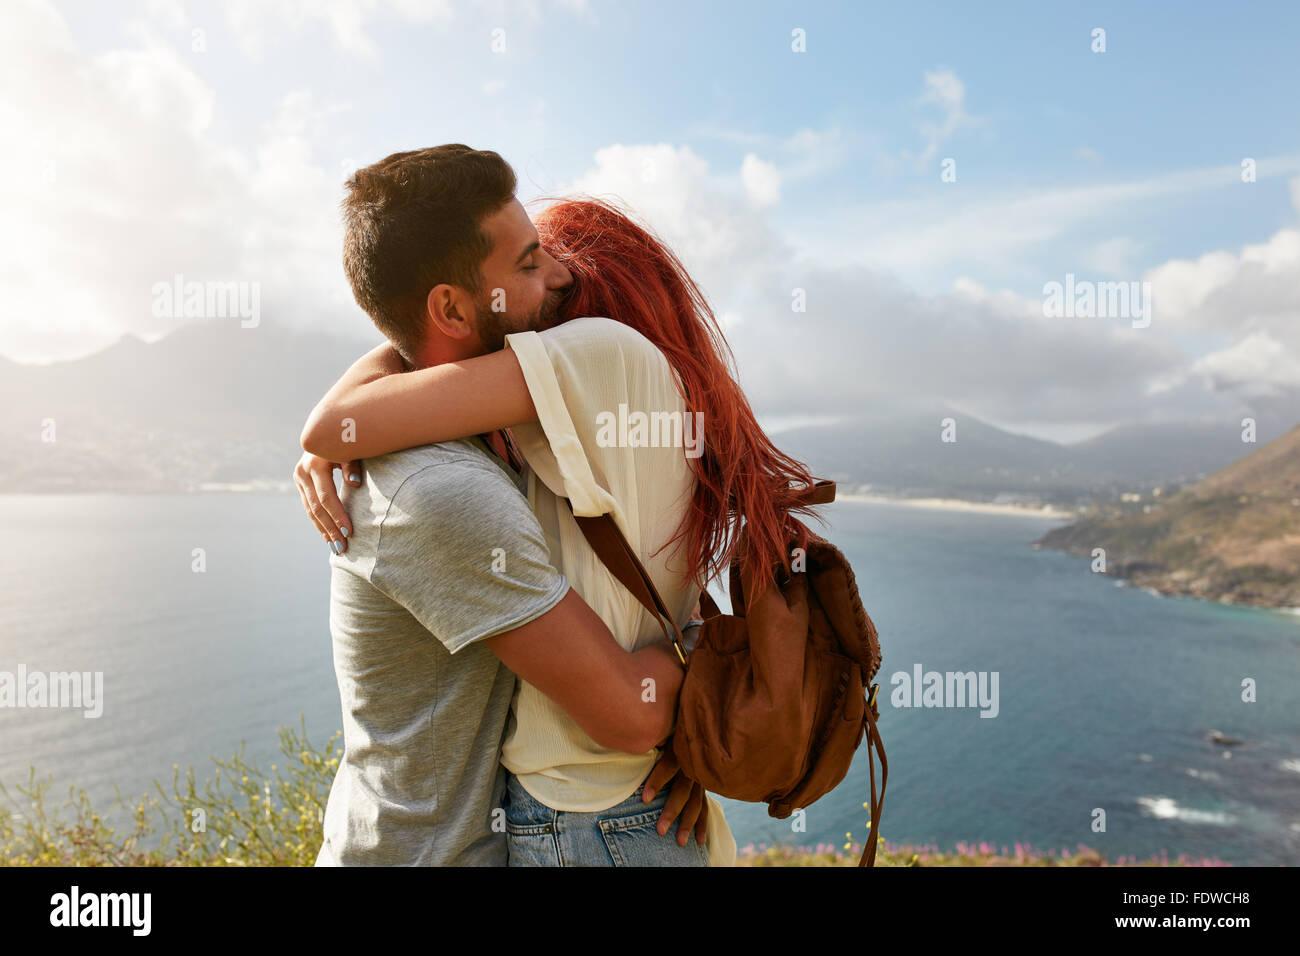 Ritratto di una felice coppia giovane godendo di un romantico abbraccio all'esterno. Giovane uomo abbracciando Immagini Stock